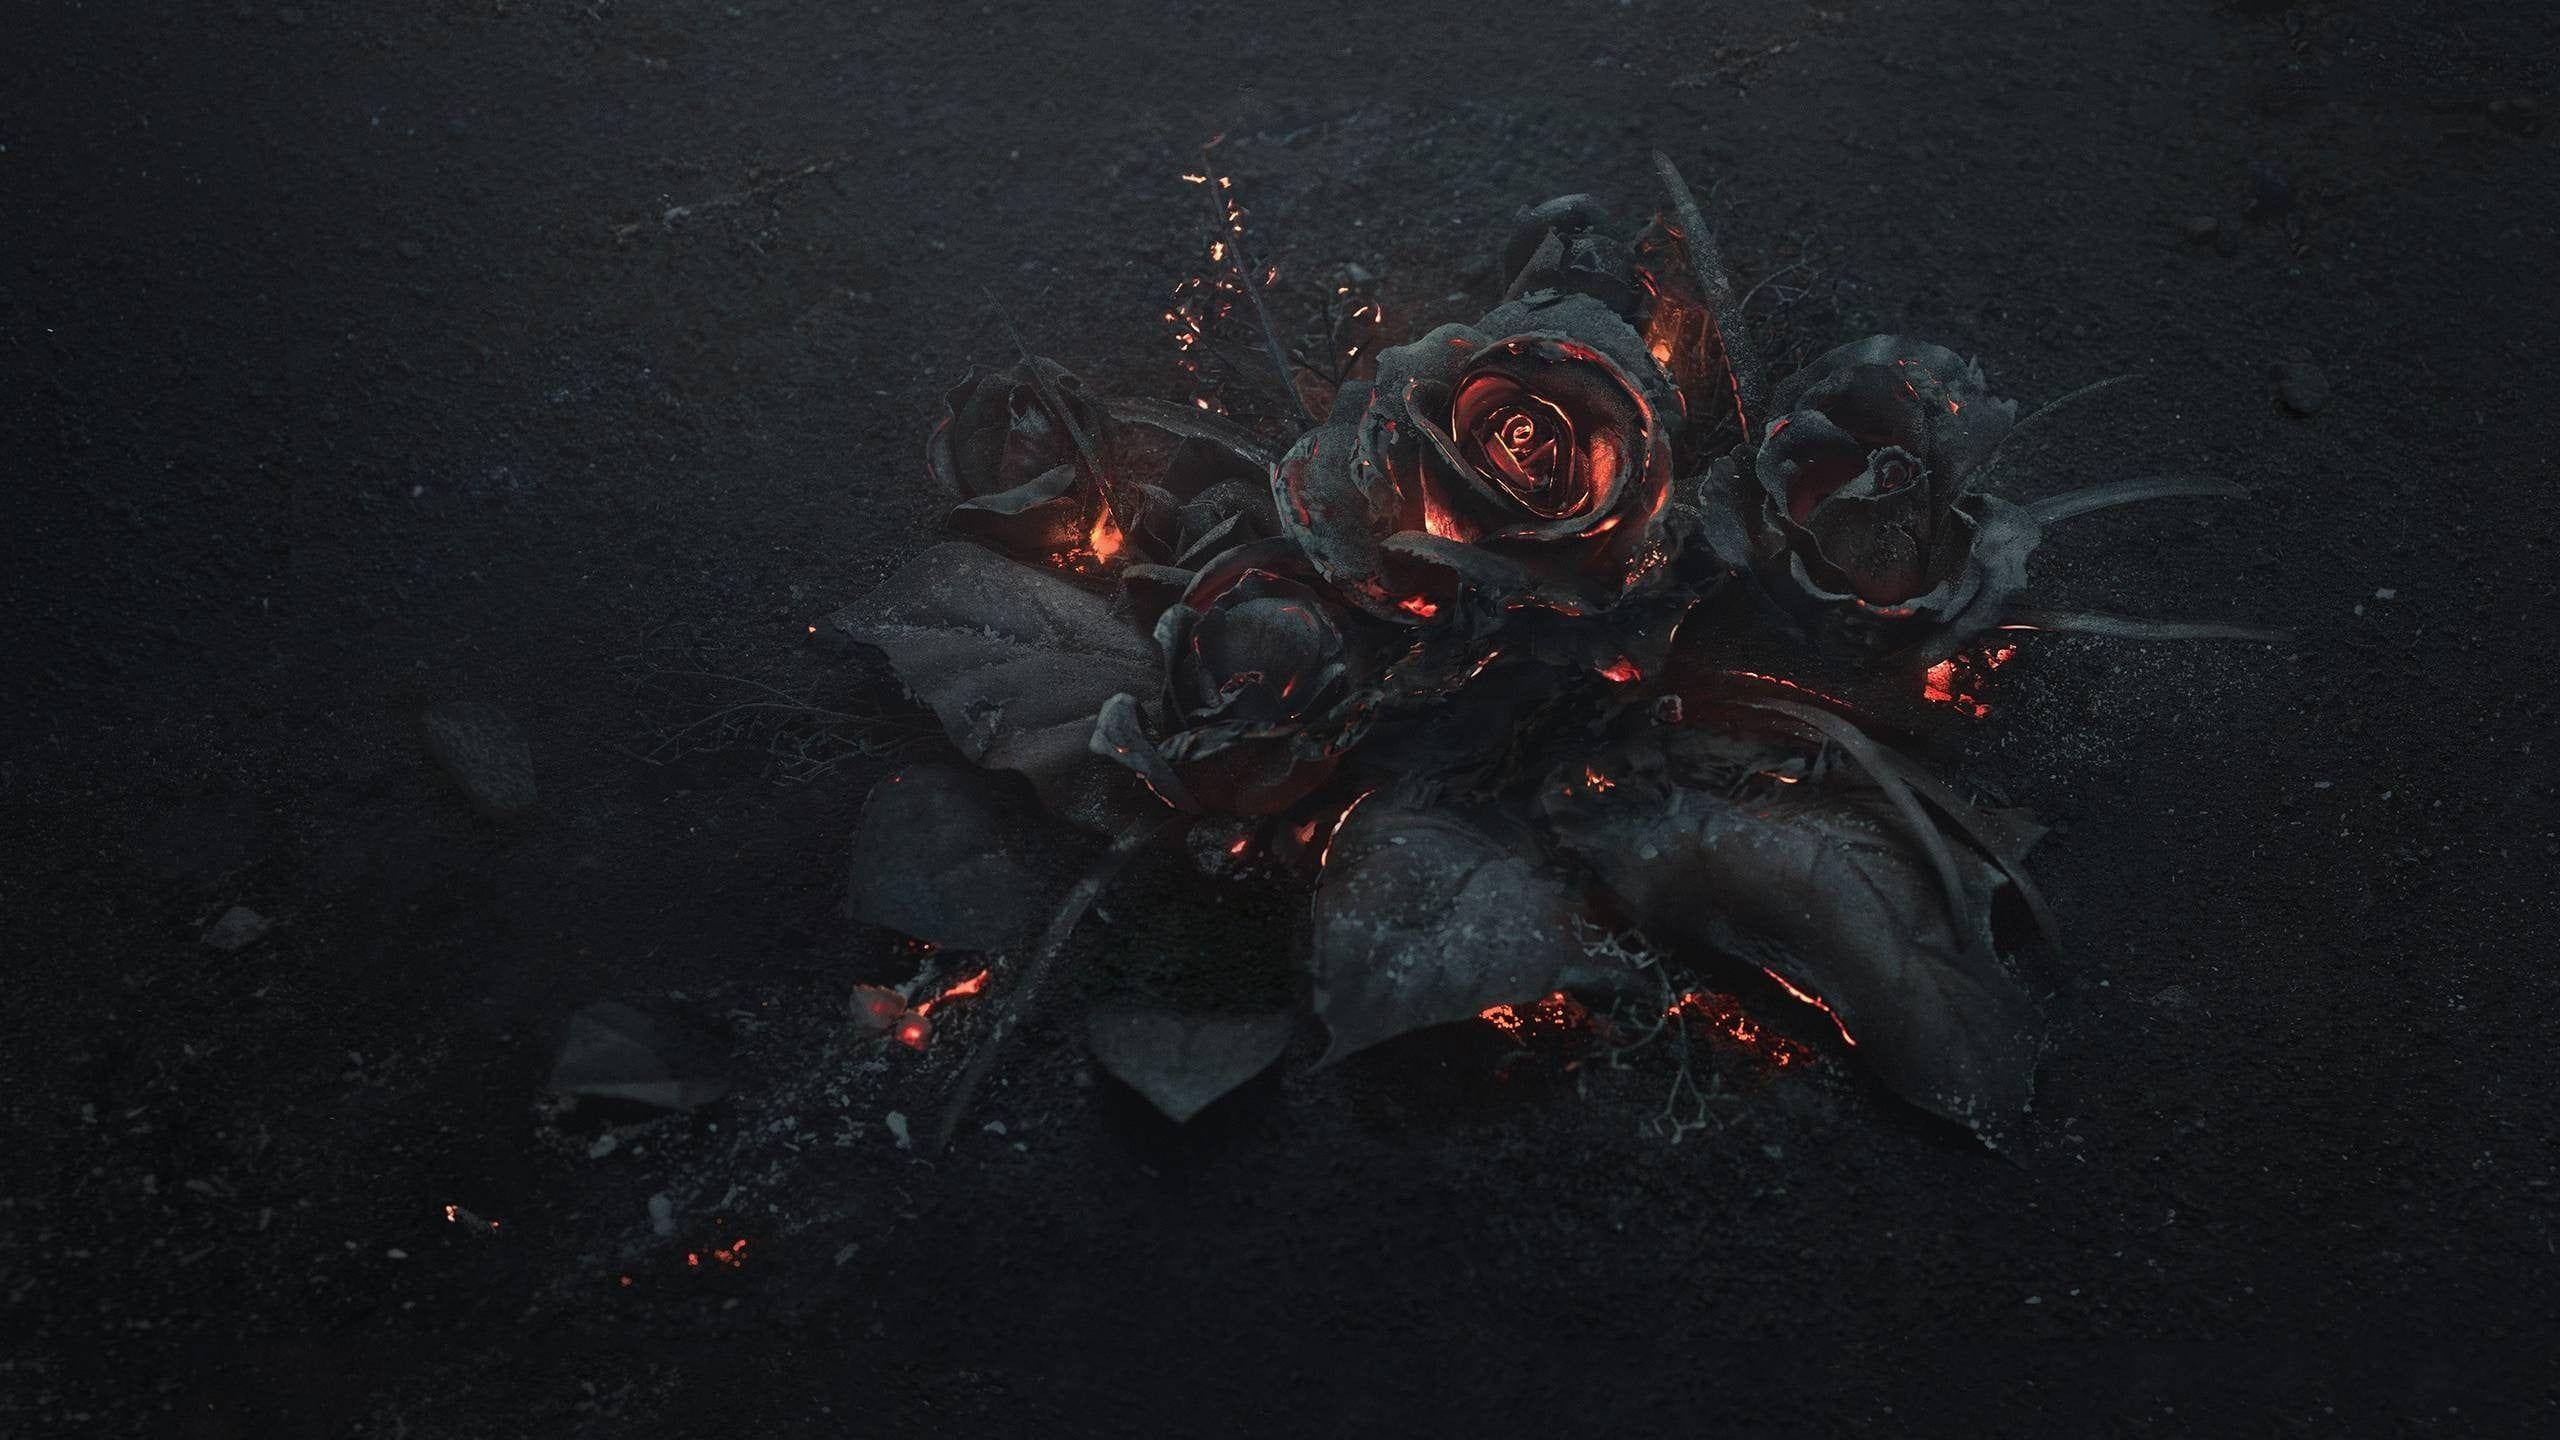 Black Rose Wallpaper Flowers Rose Fire Gothic 2k Wallpaper Hdwallpaper Desktop Rose Illustration Burning Rose Rose Wallpaper